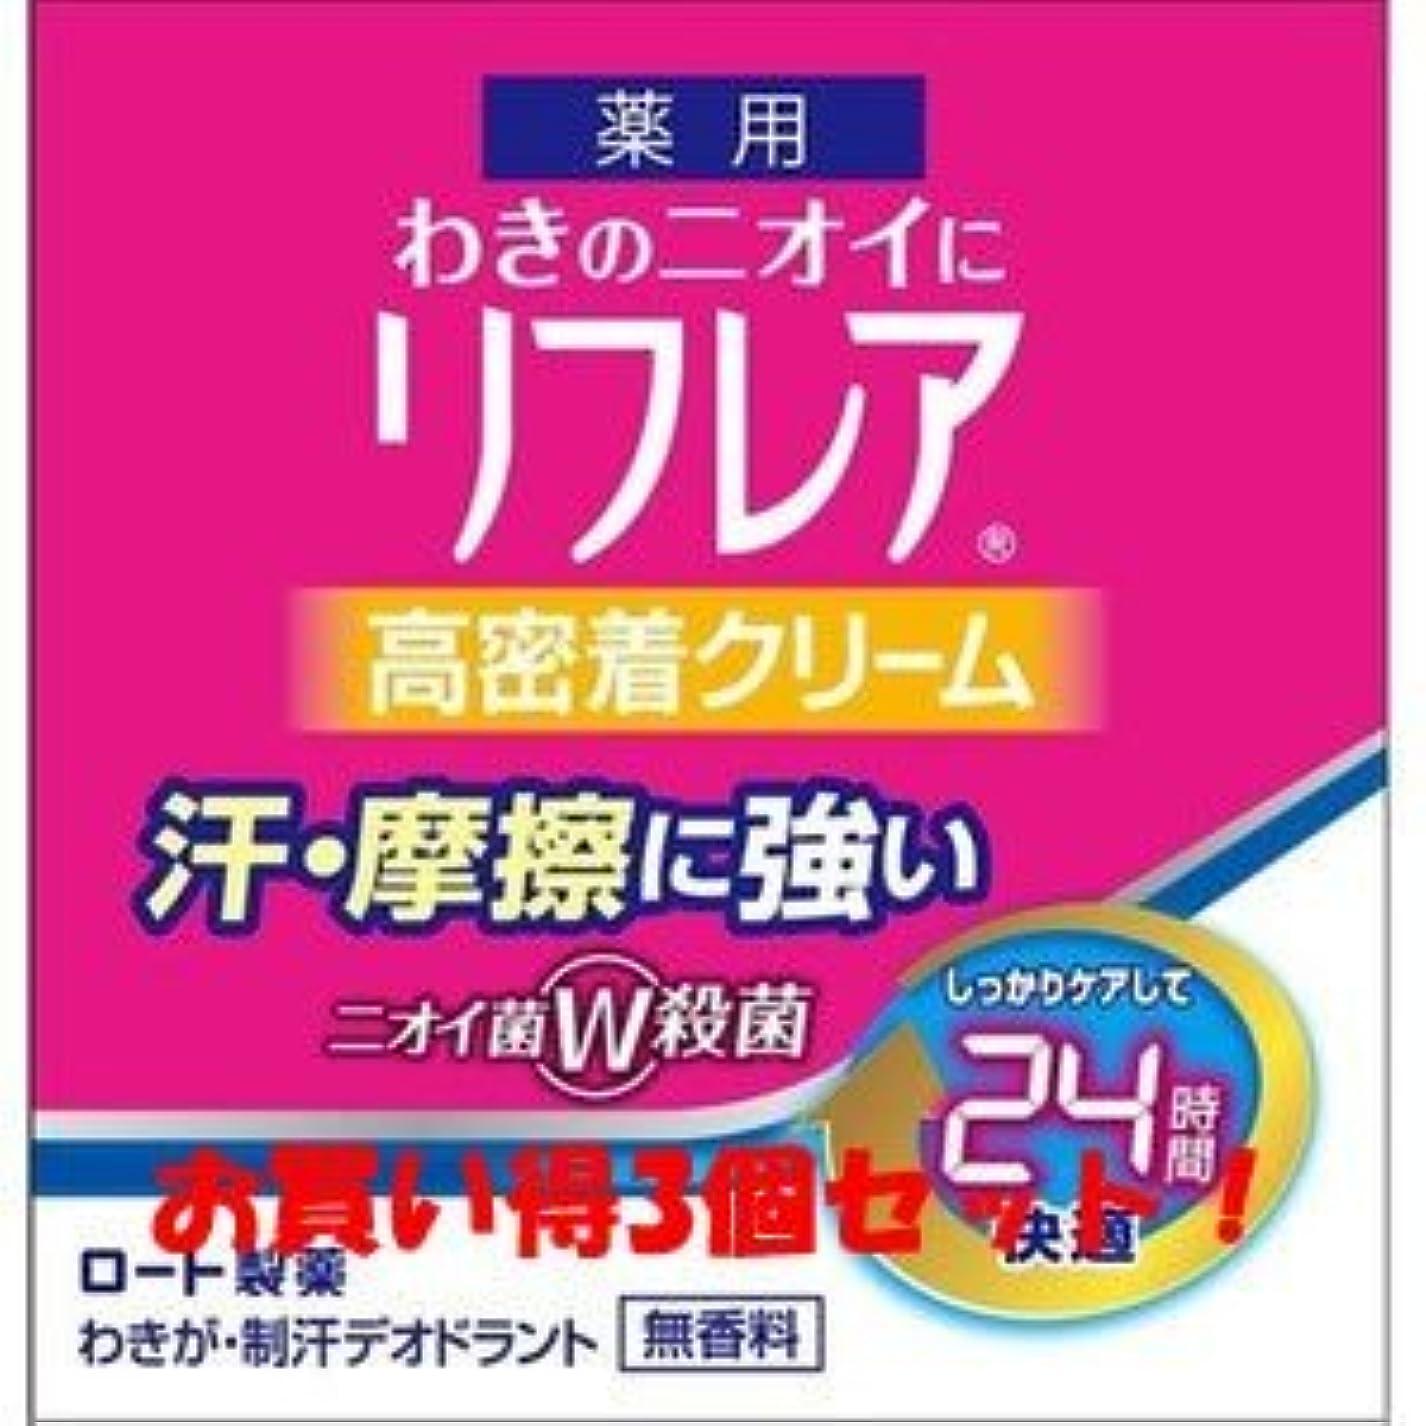 荷物結婚式リム(ロート製薬)メンソレータム リフレア デオドラントクリーム 55g(医薬部外品)(お買い得3個セット)